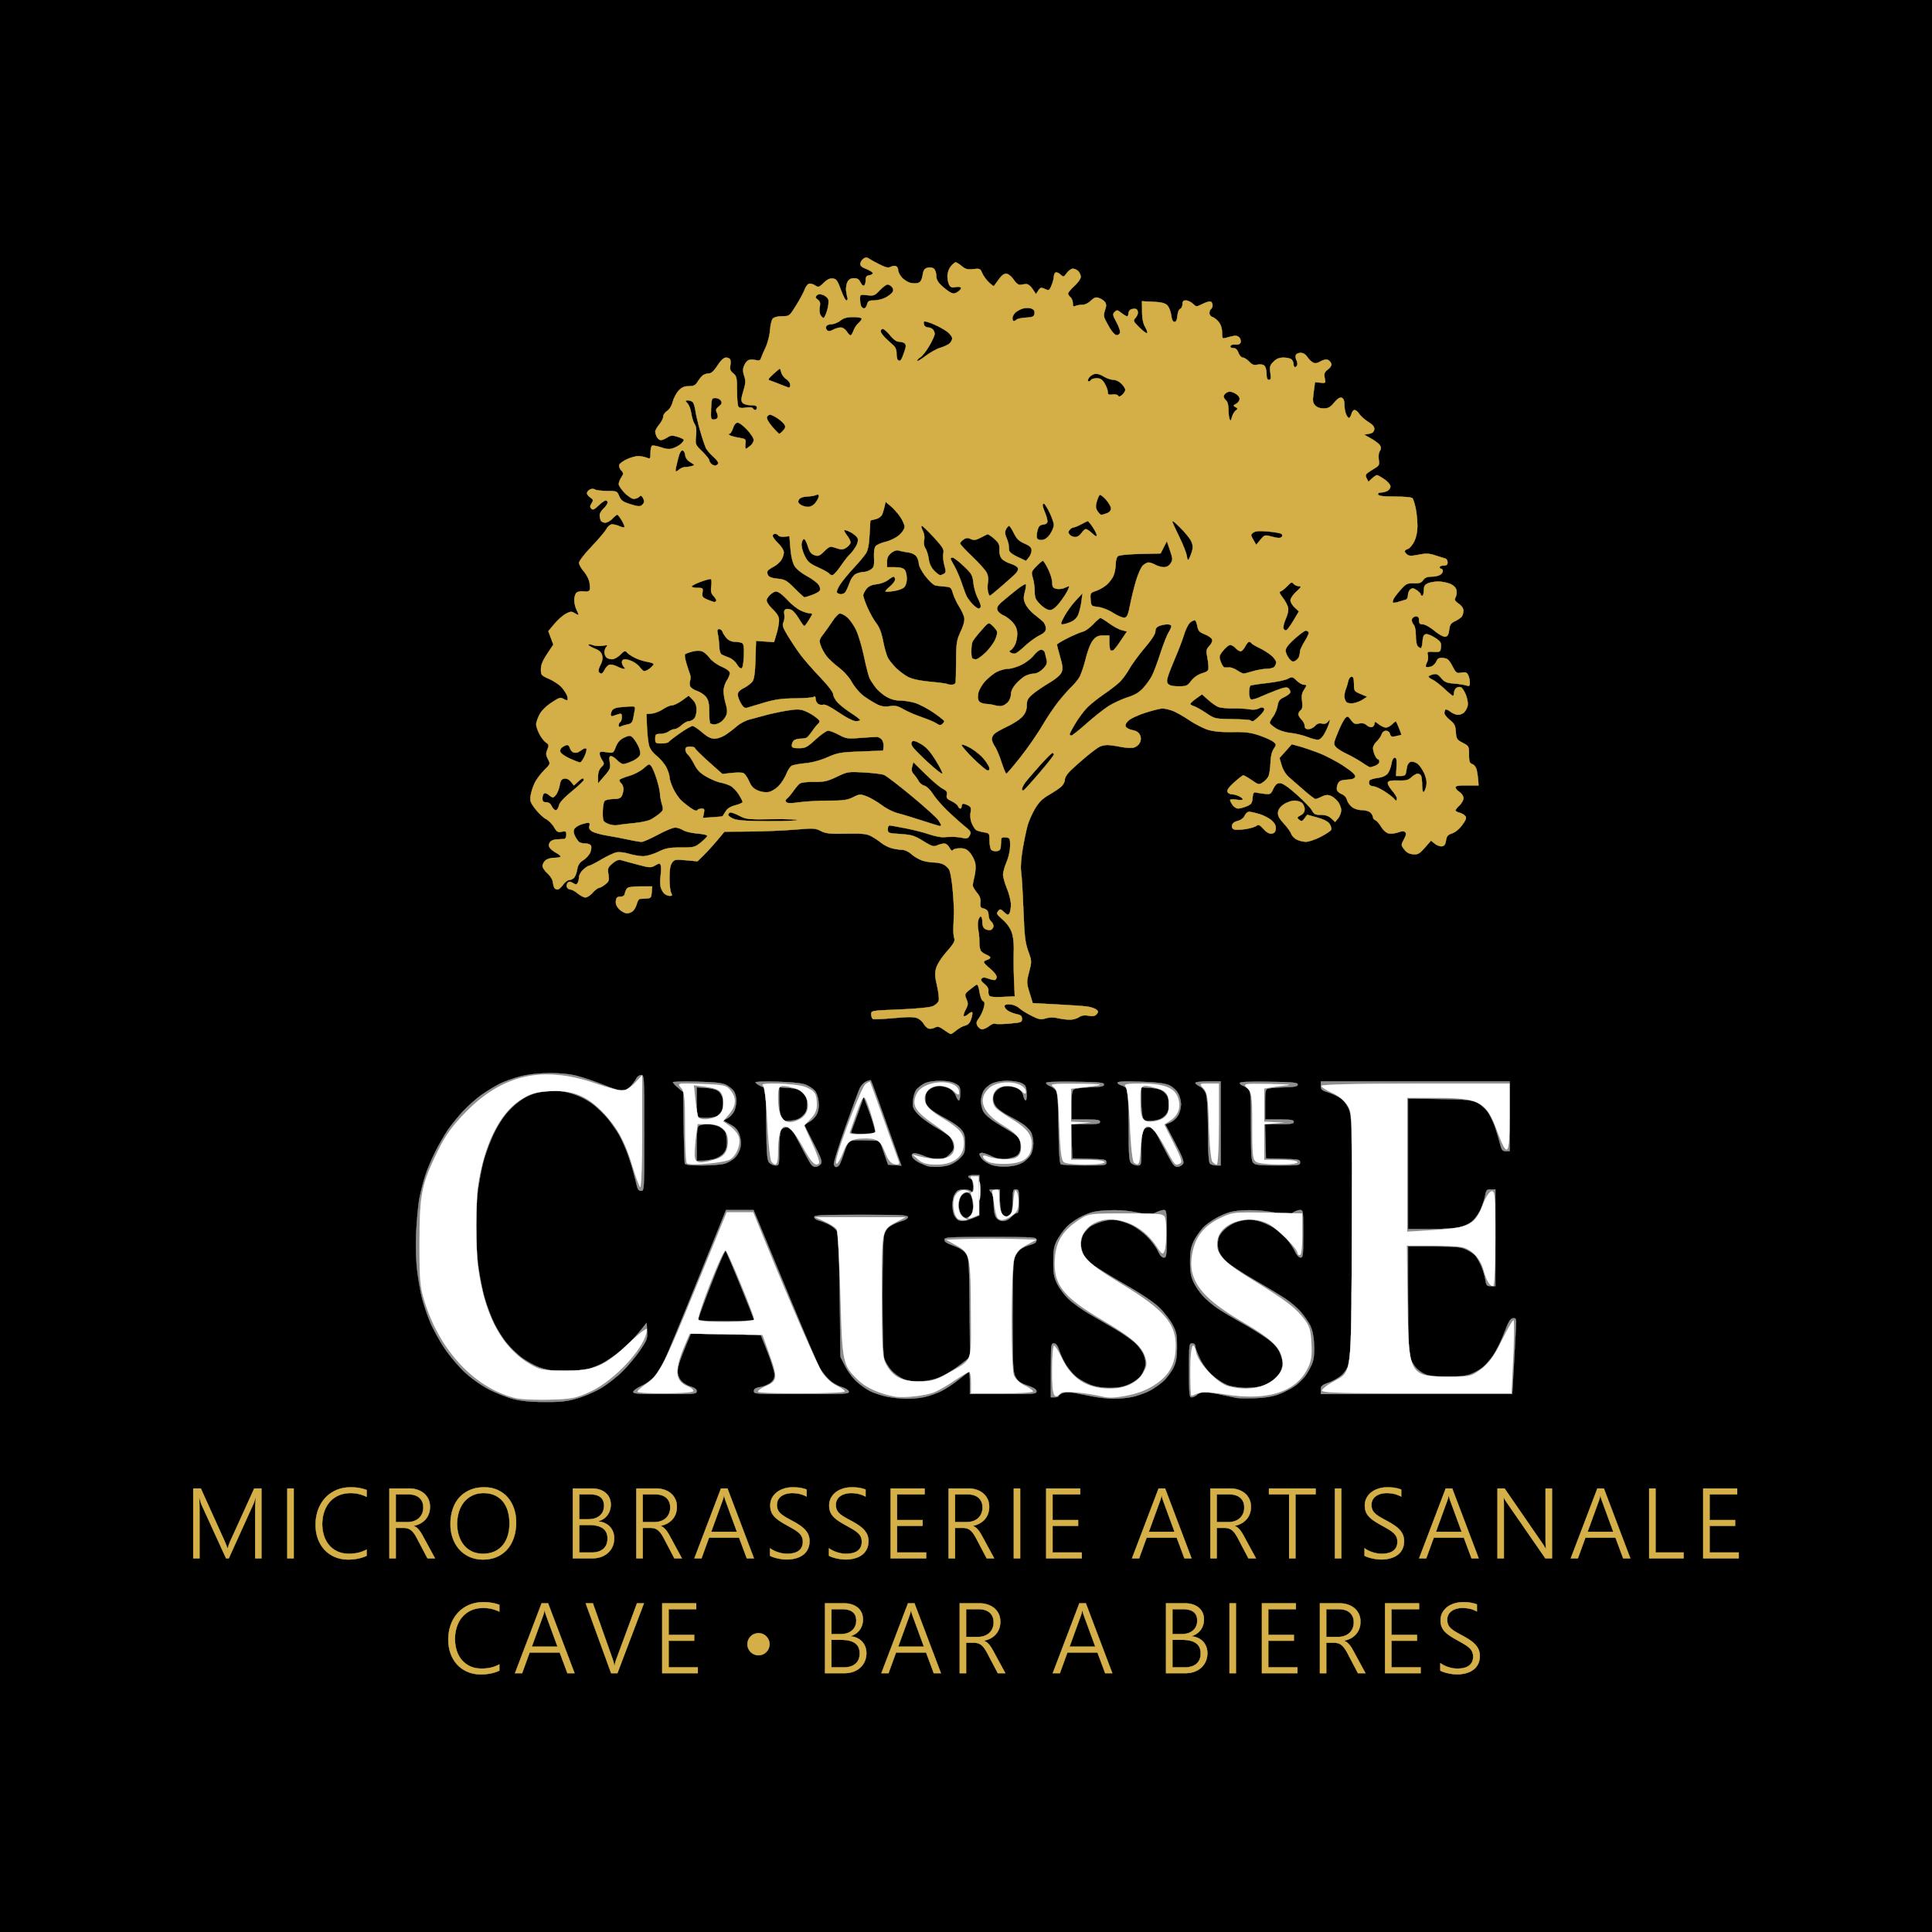 Site Web - La Brasserie du Causse